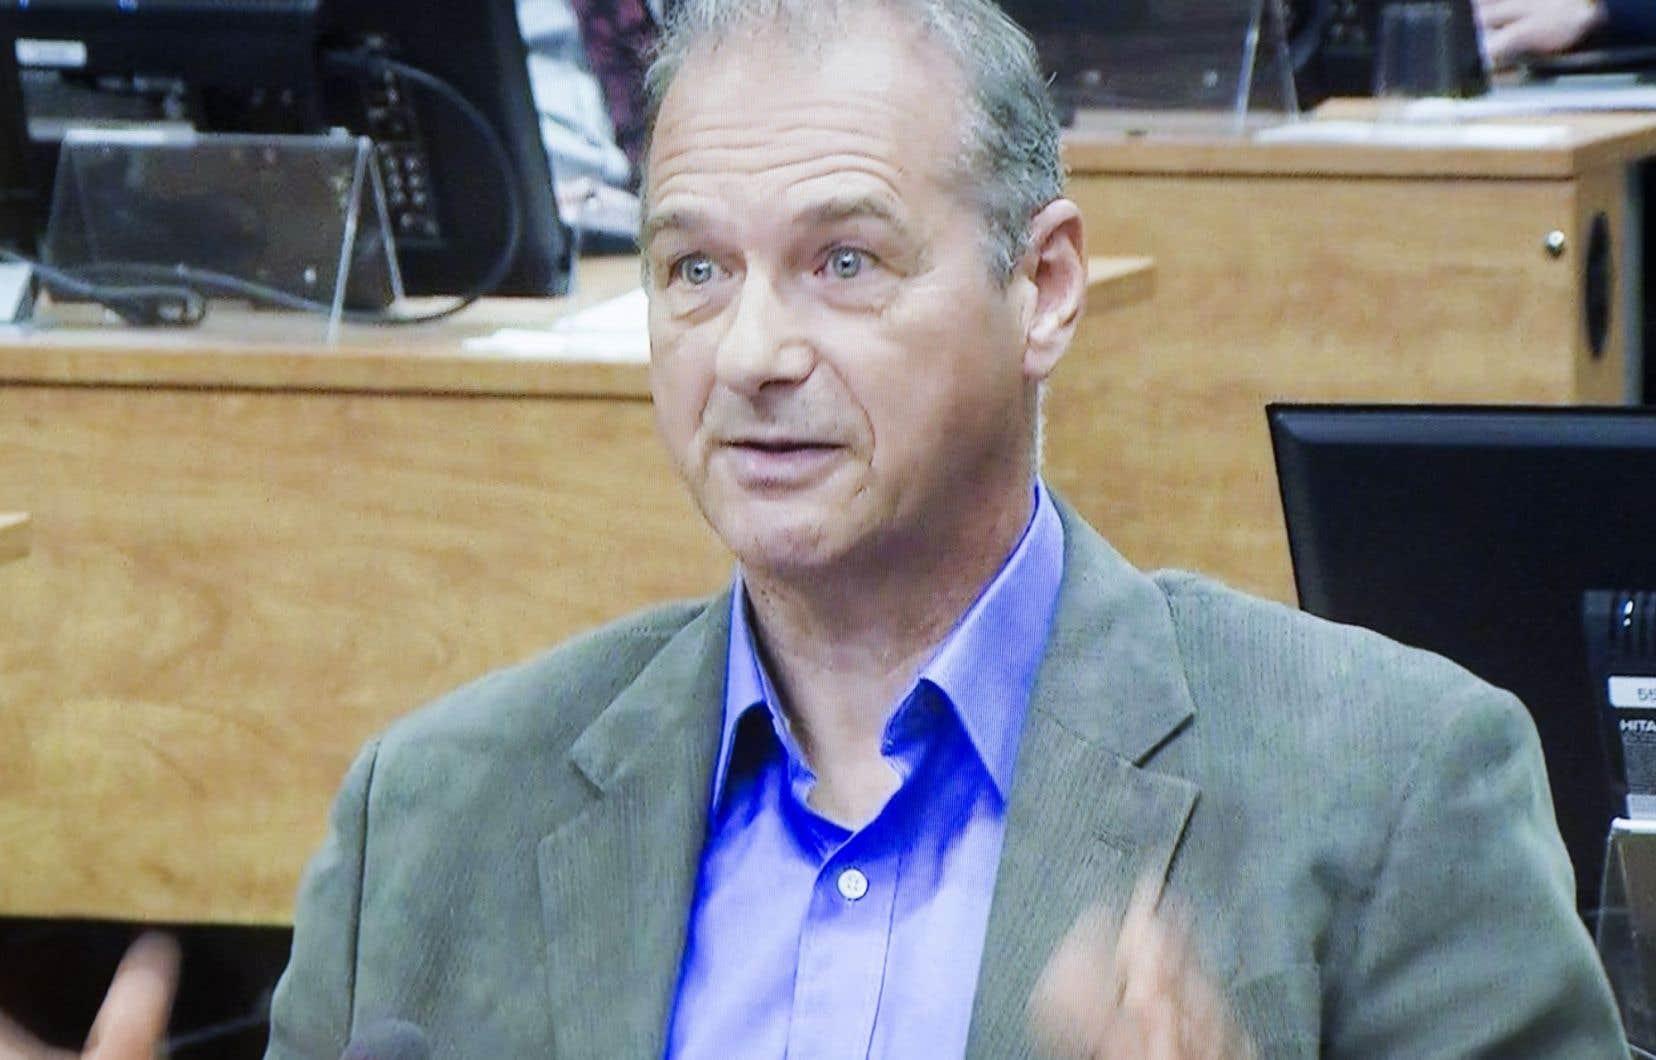 Ernest Murray avait plaidé coupable au début du mois d'août à une accusation d'avoir conseillé à une personne de commettre un acte criminel, sans qu'il soit toutefois commis.